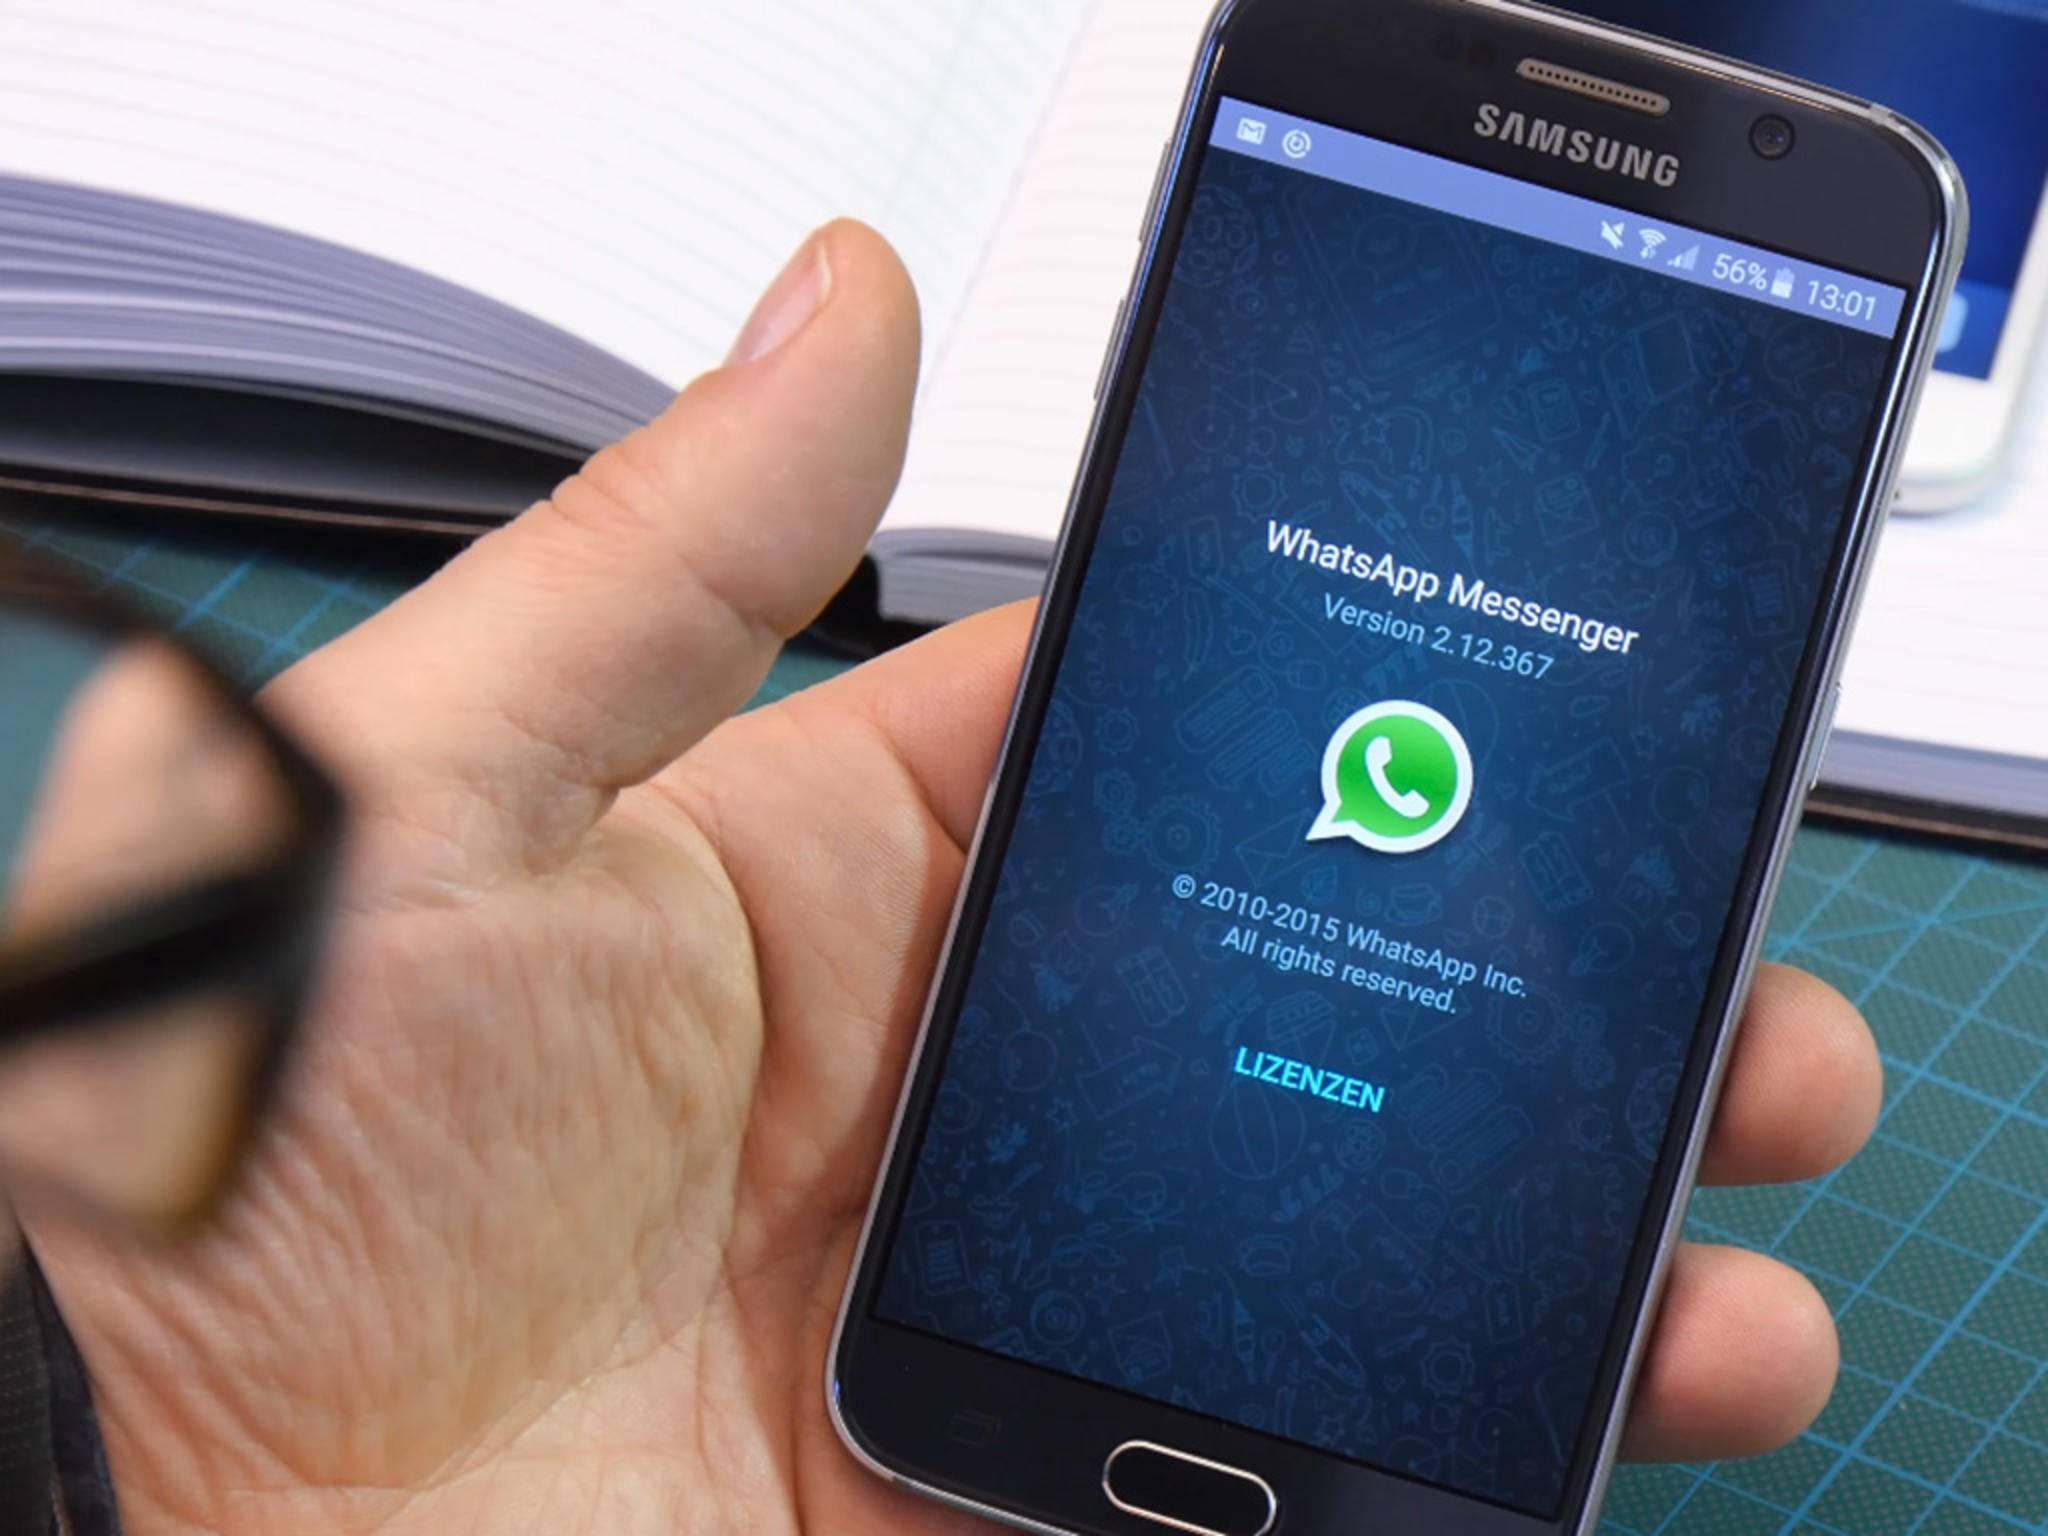 Mit ein paar Erweiterungen wird WhatsApp noch besser.